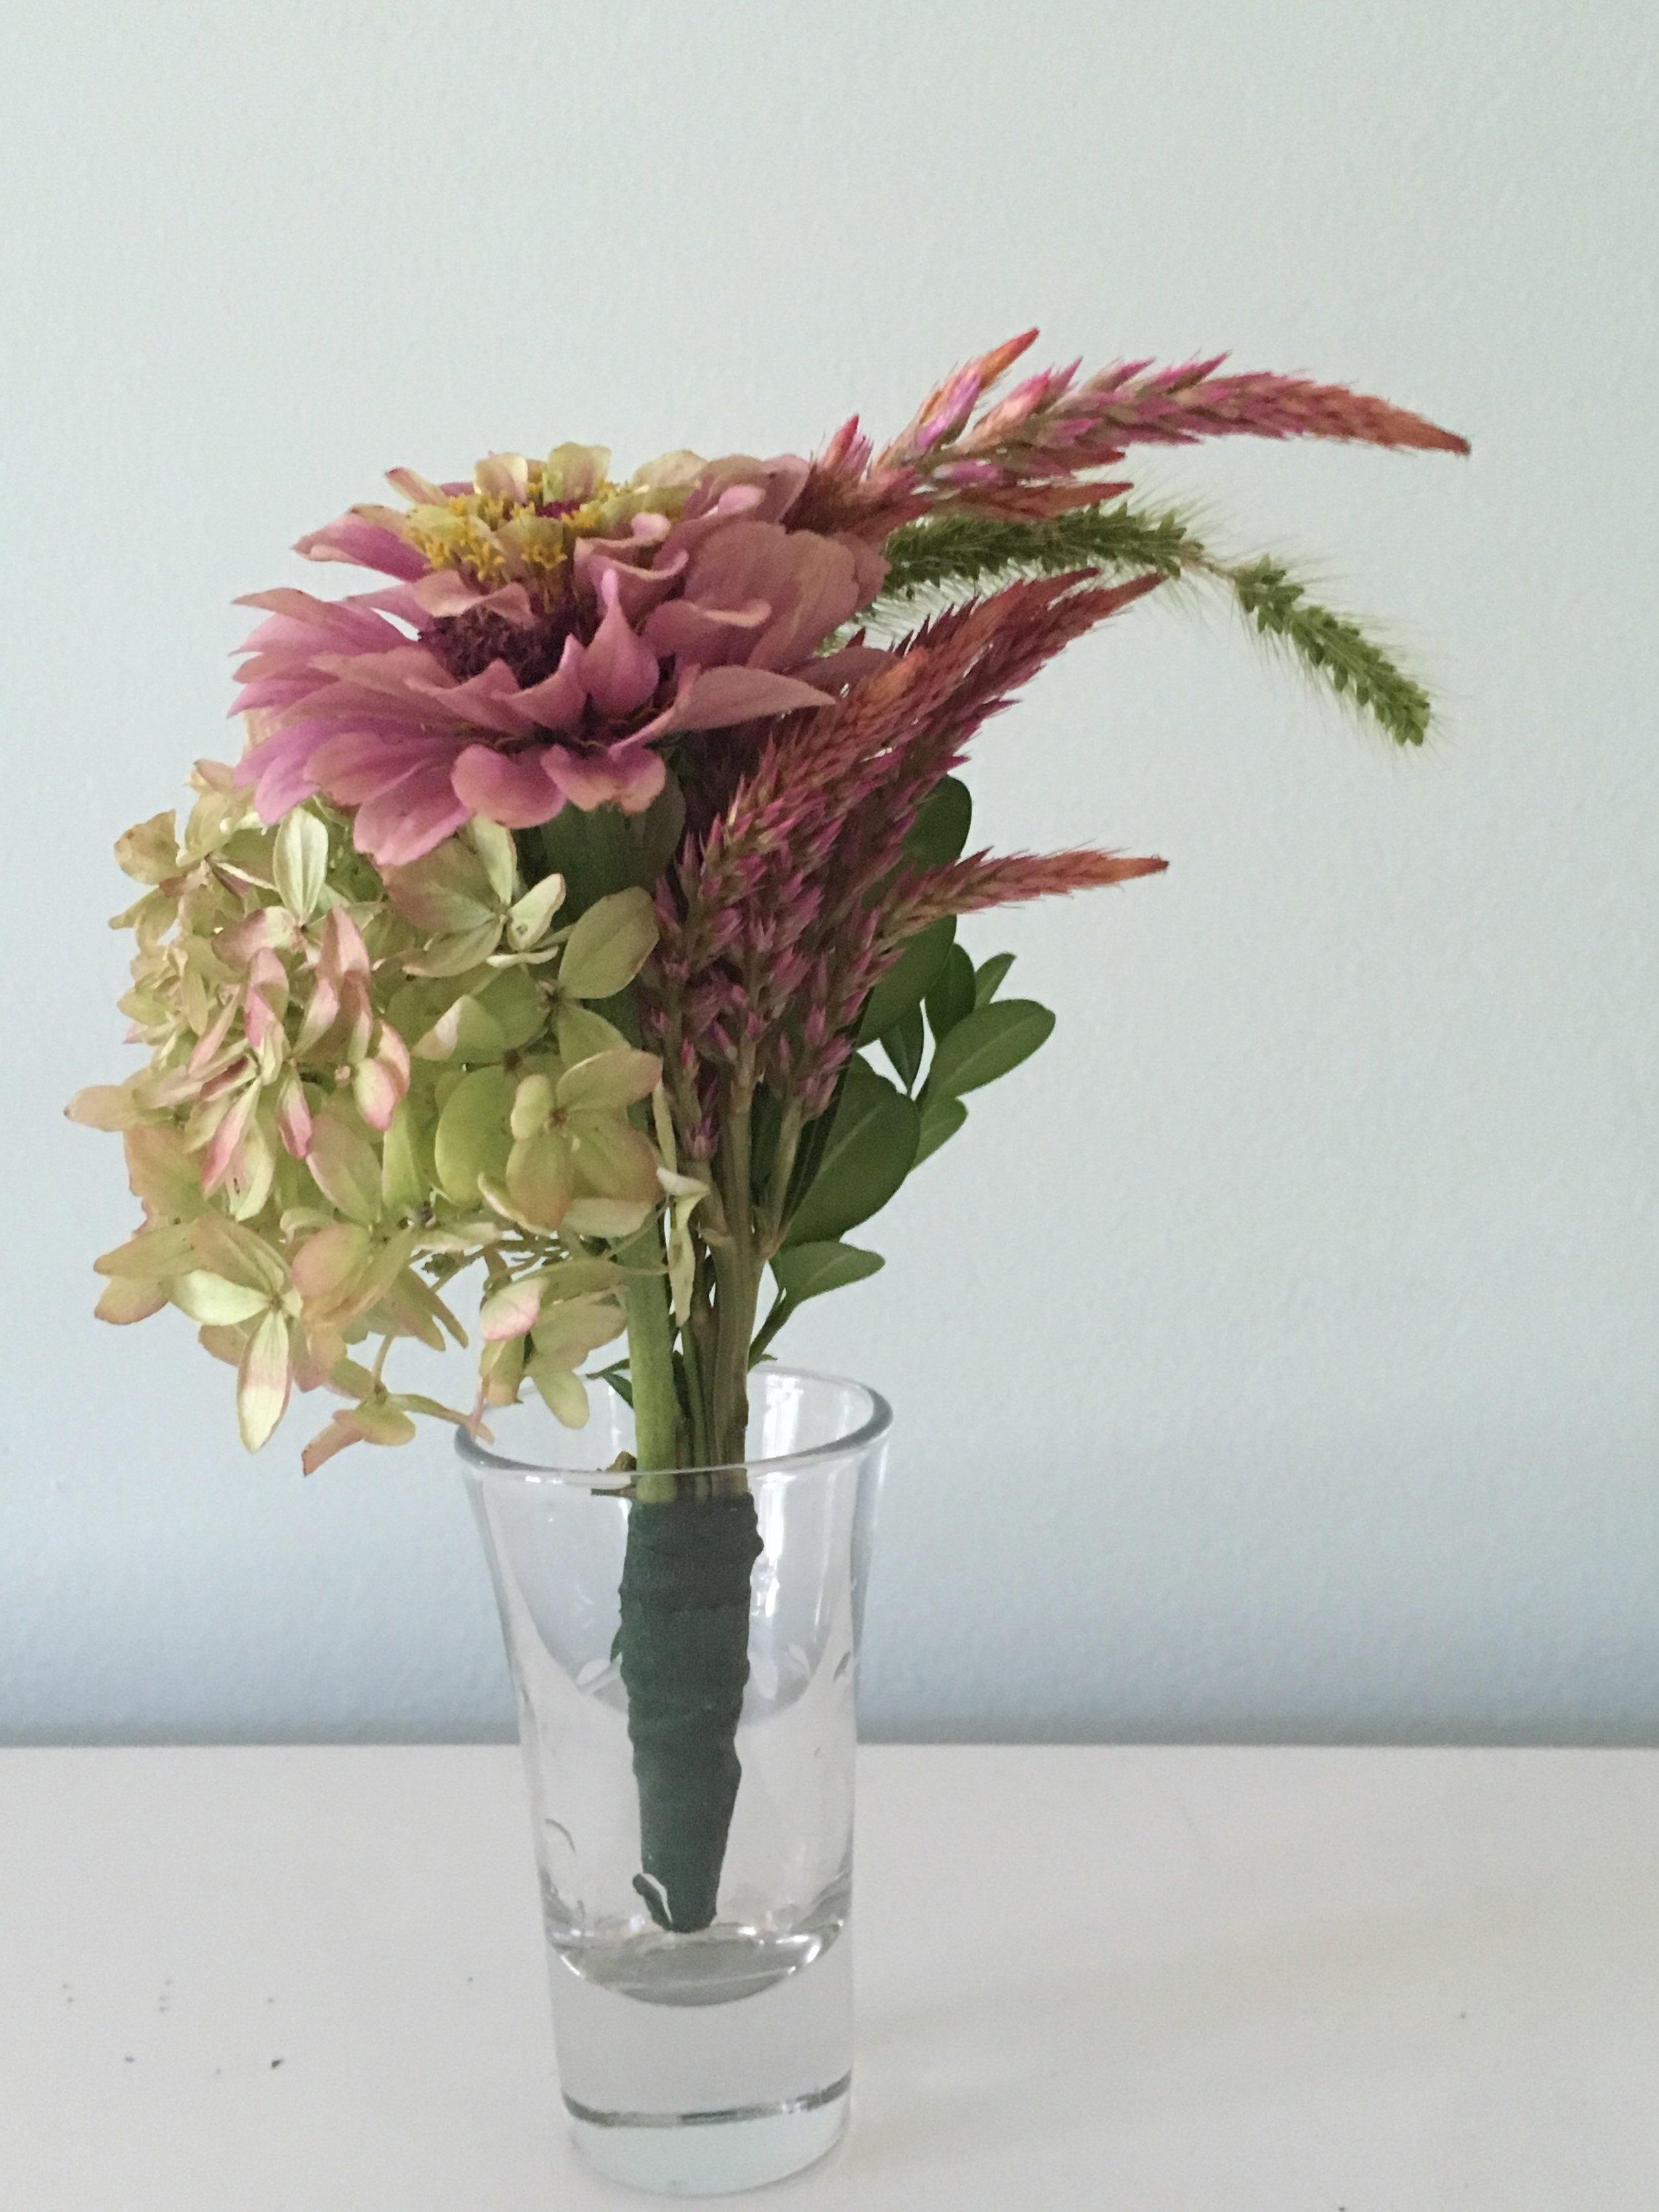 Hydrangea, Zinnea, Paintbrush, Boxwood, Wild Grass